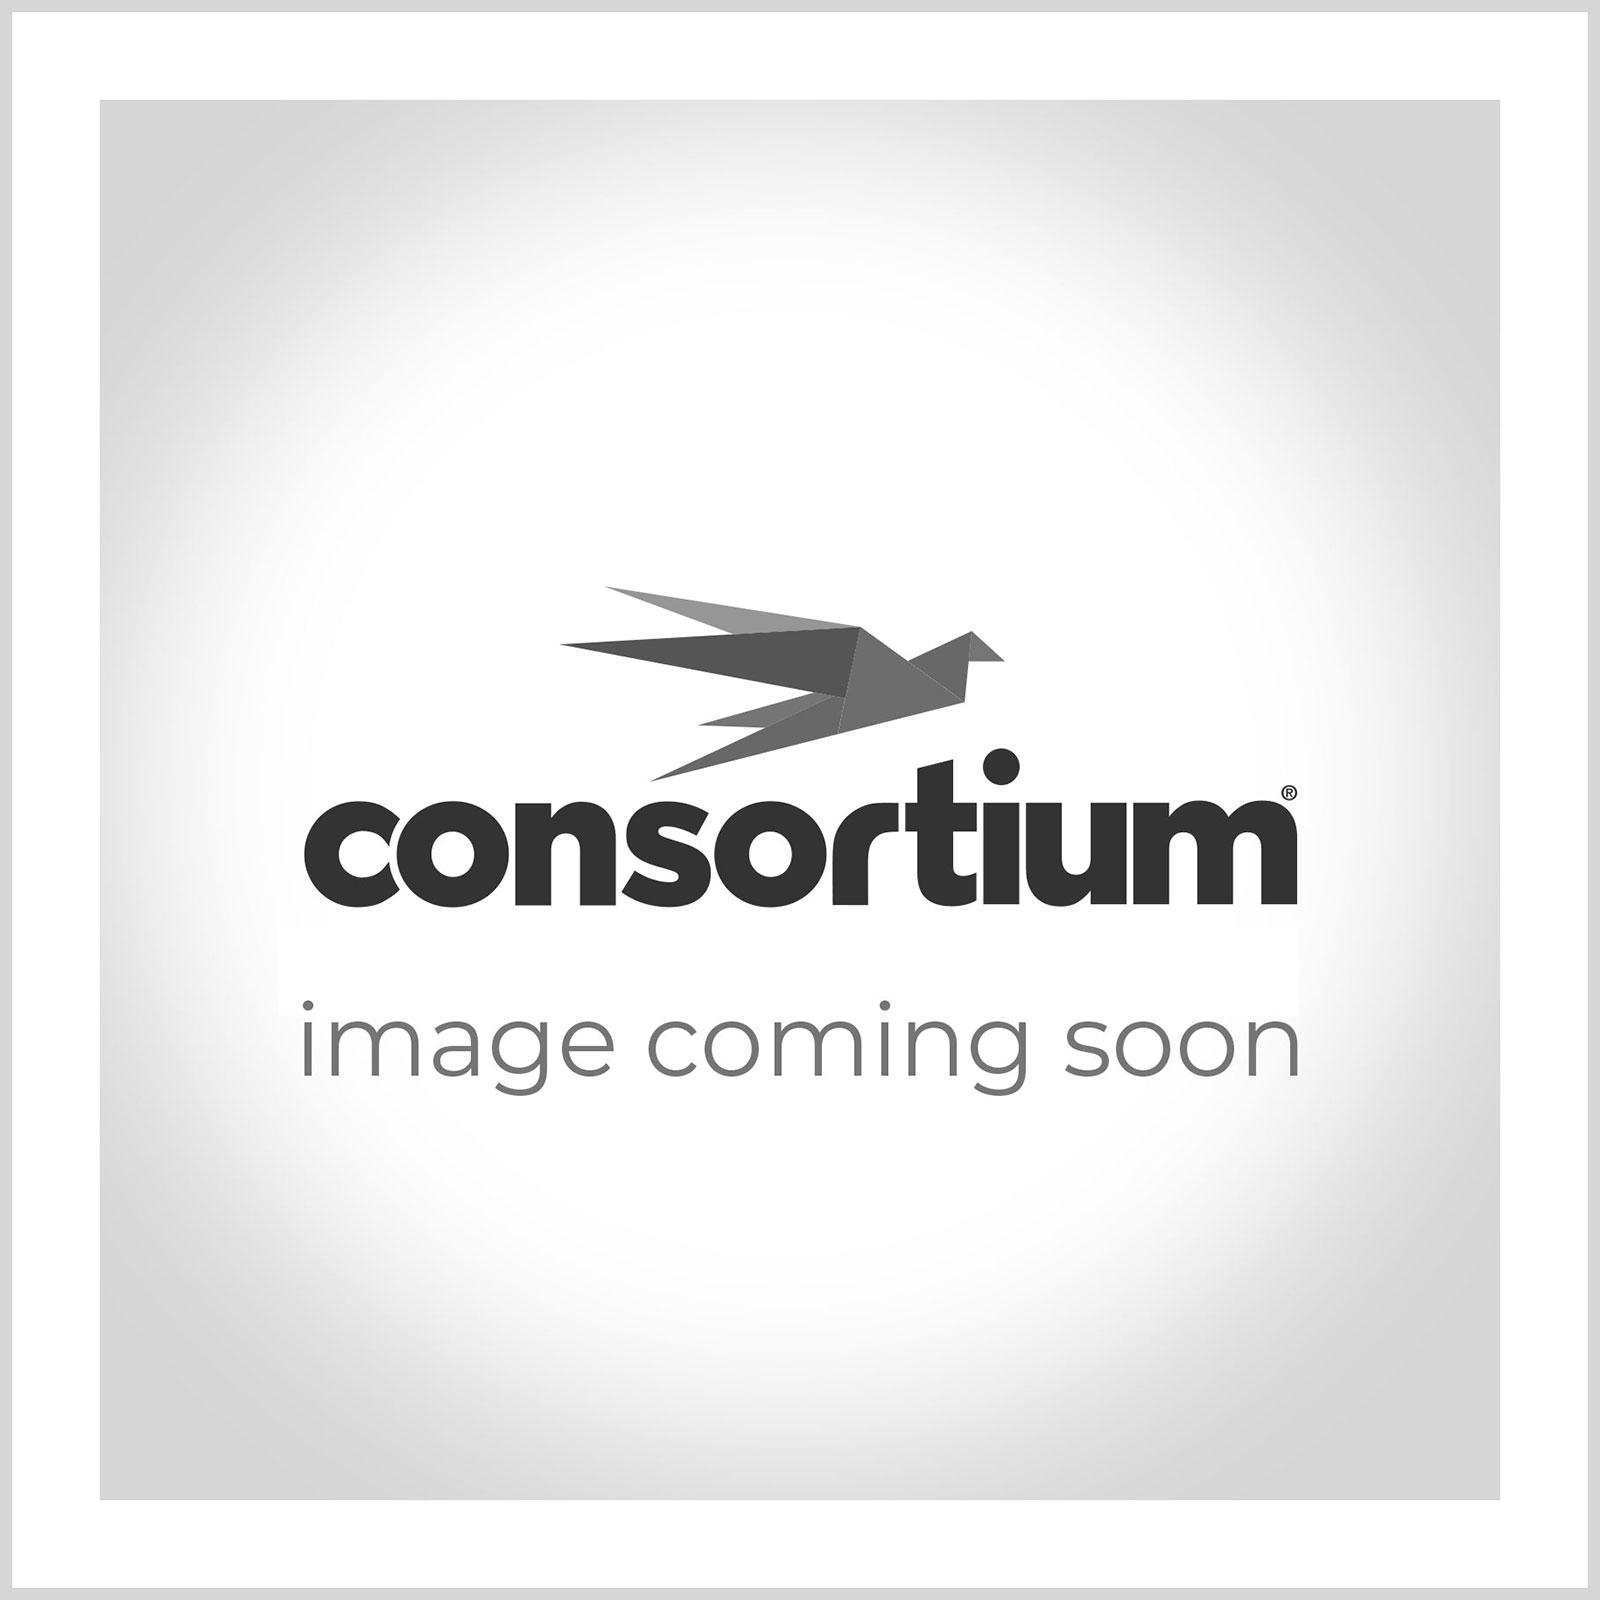 12 Mitre® Impel Ball Sack Deal